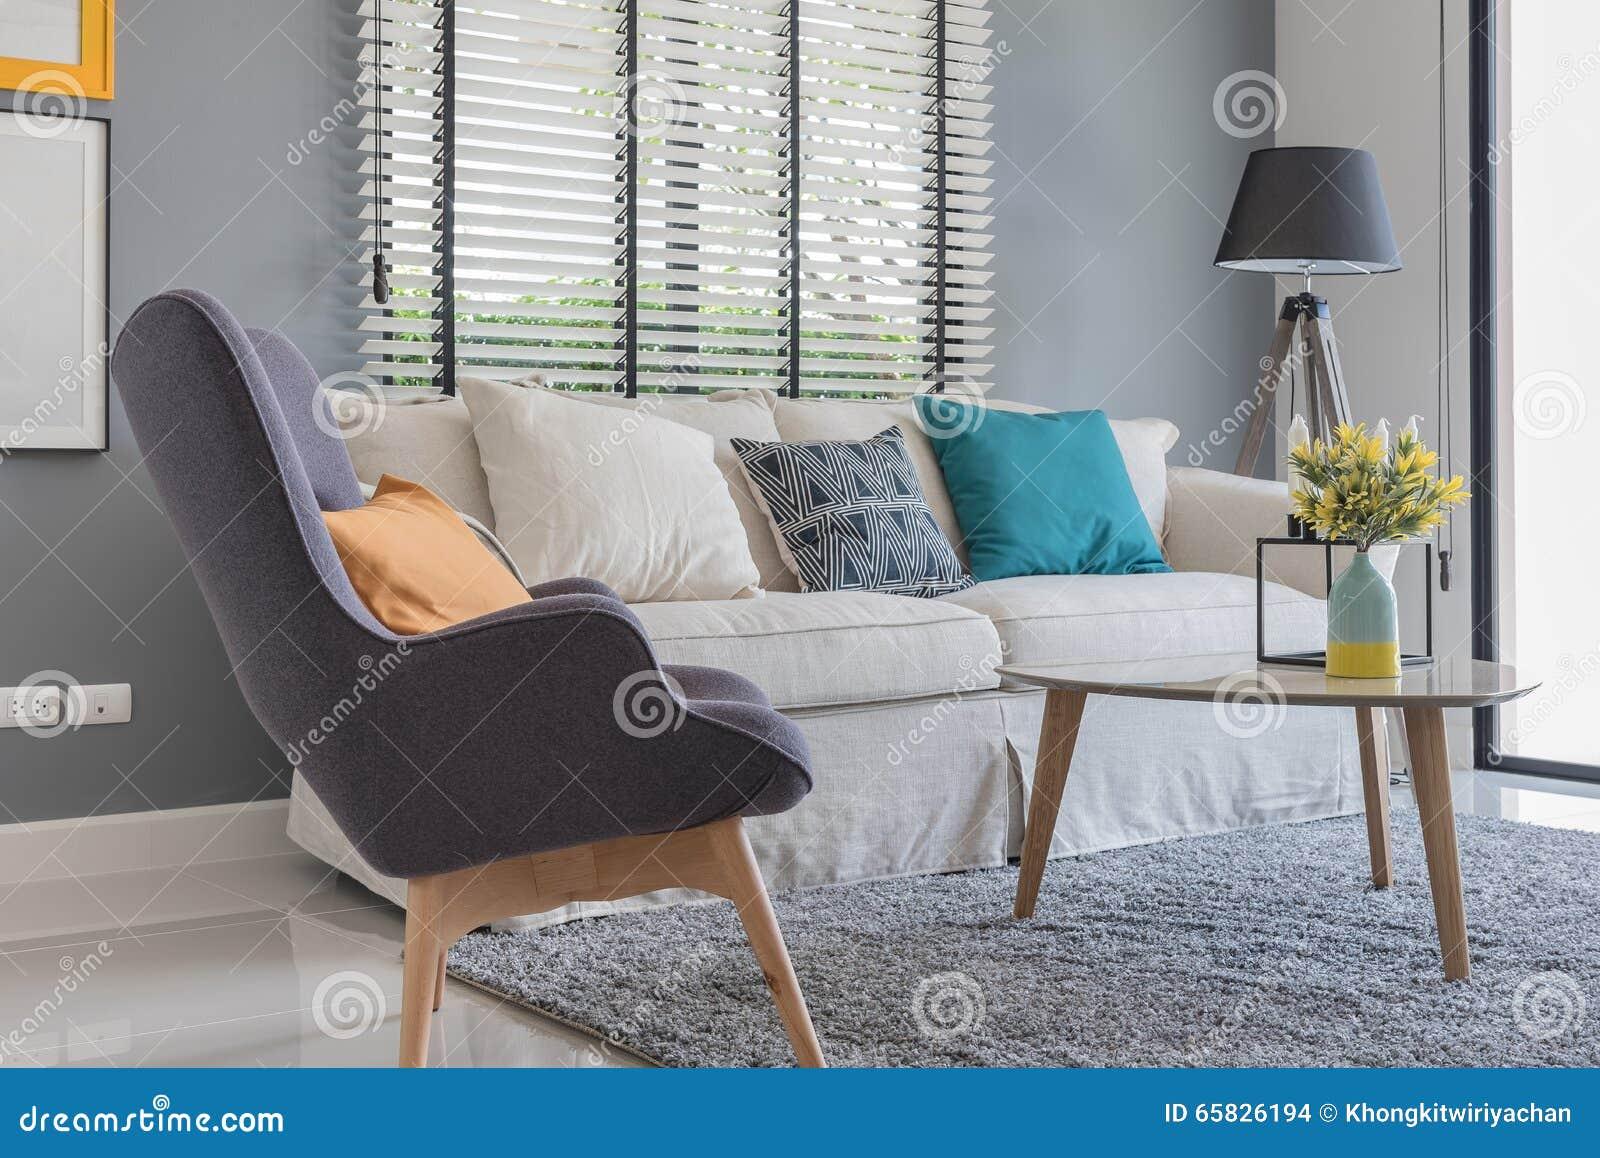 salon moderne avec la chaise et le sofa modernes photo stock image 65826194. Black Bedroom Furniture Sets. Home Design Ideas